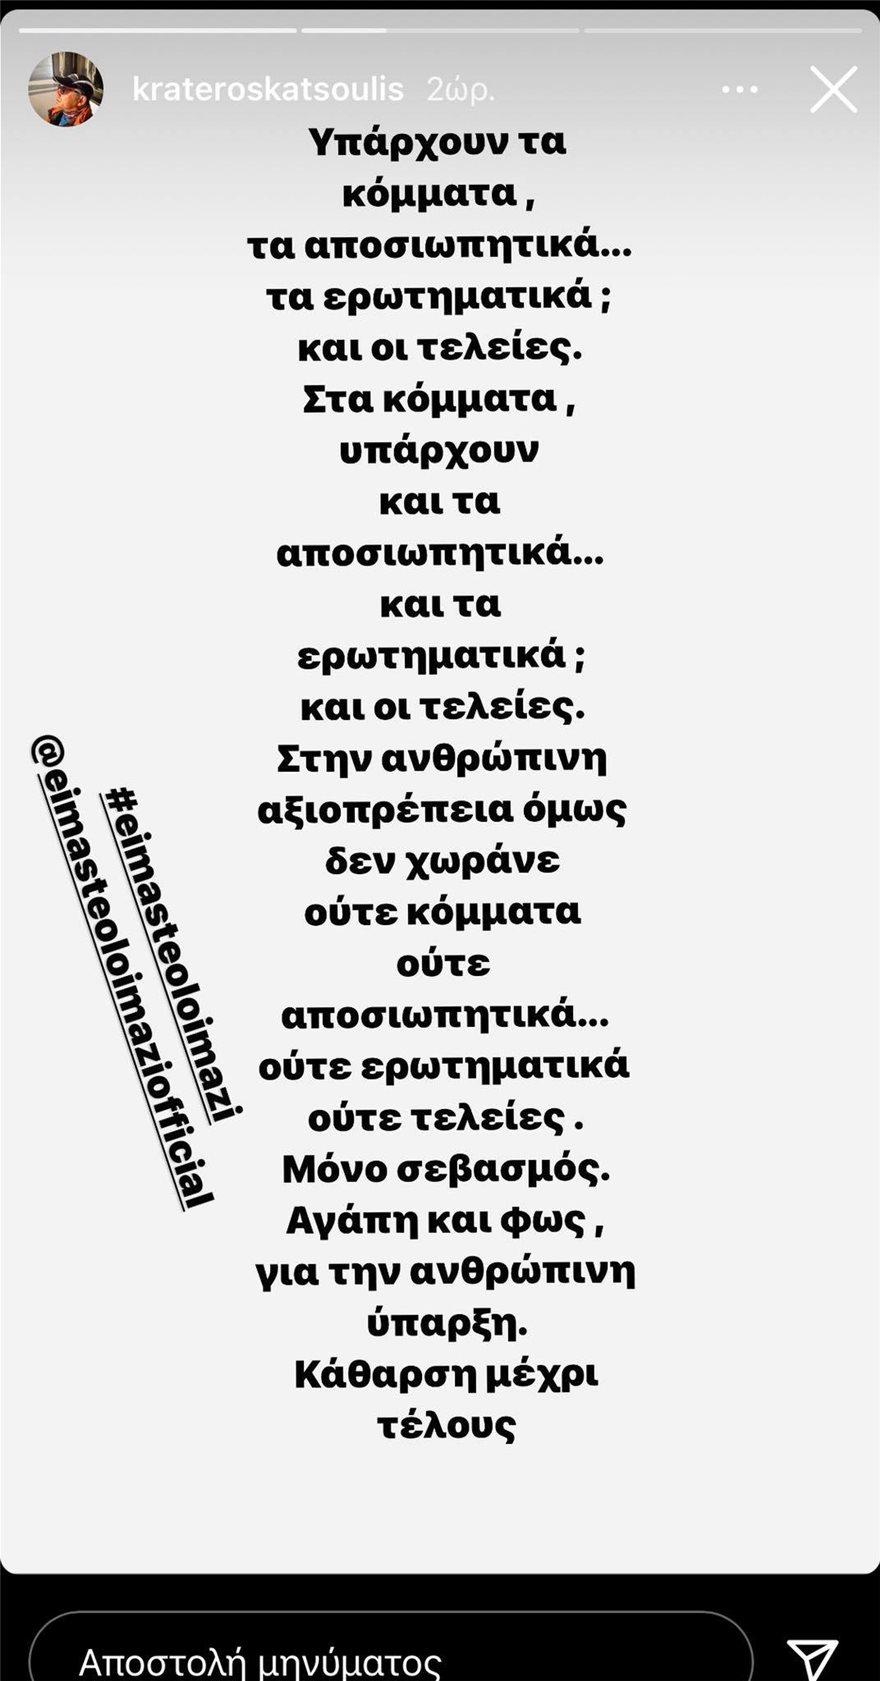 krateros_katsoulis